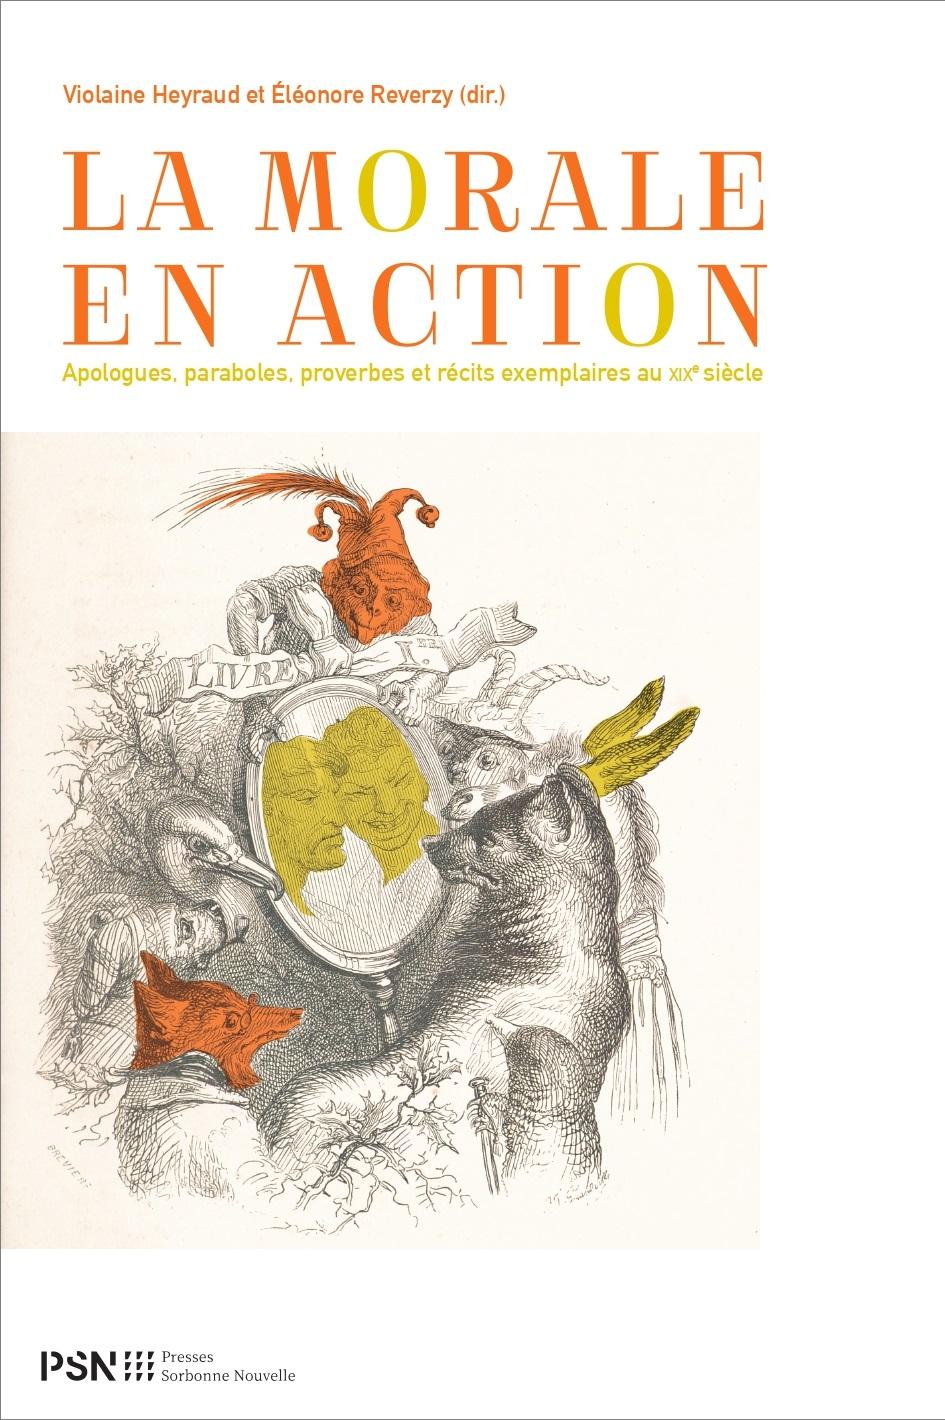 V. Heyraud, É. Reverzy (dir.), La morale en action, Apologues, paraboles, proverbes et récits exemplaires au XIXe siècle